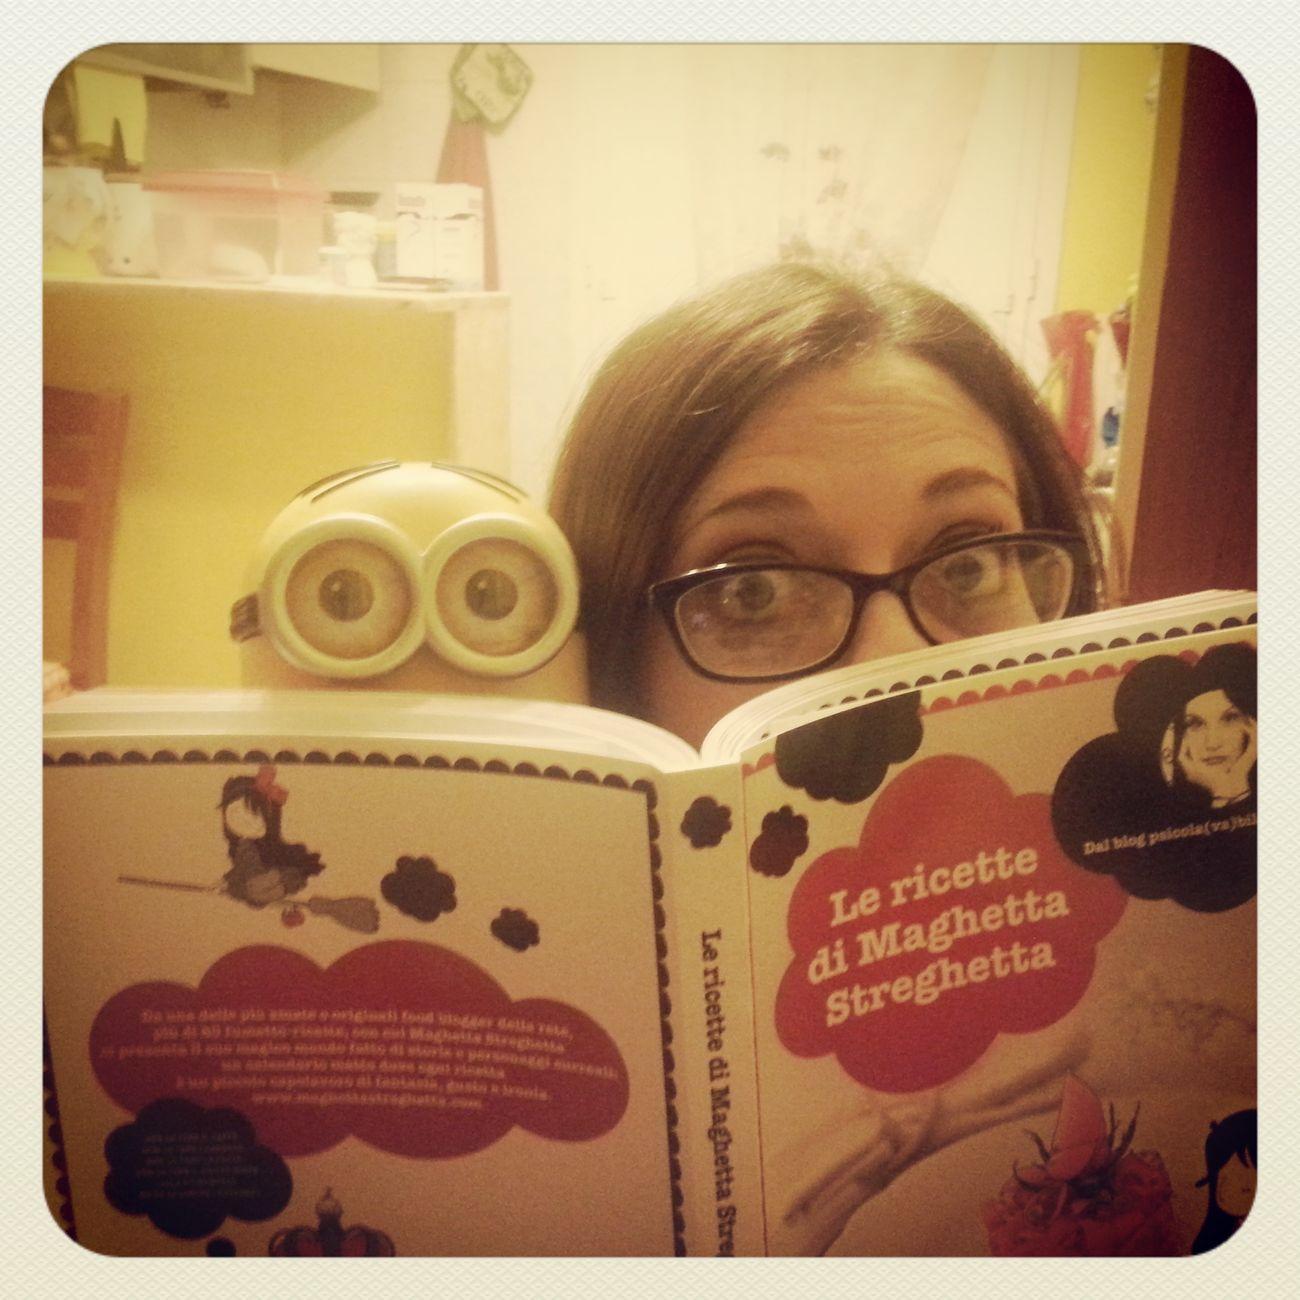 Maghetta Streghetta Book Me Read